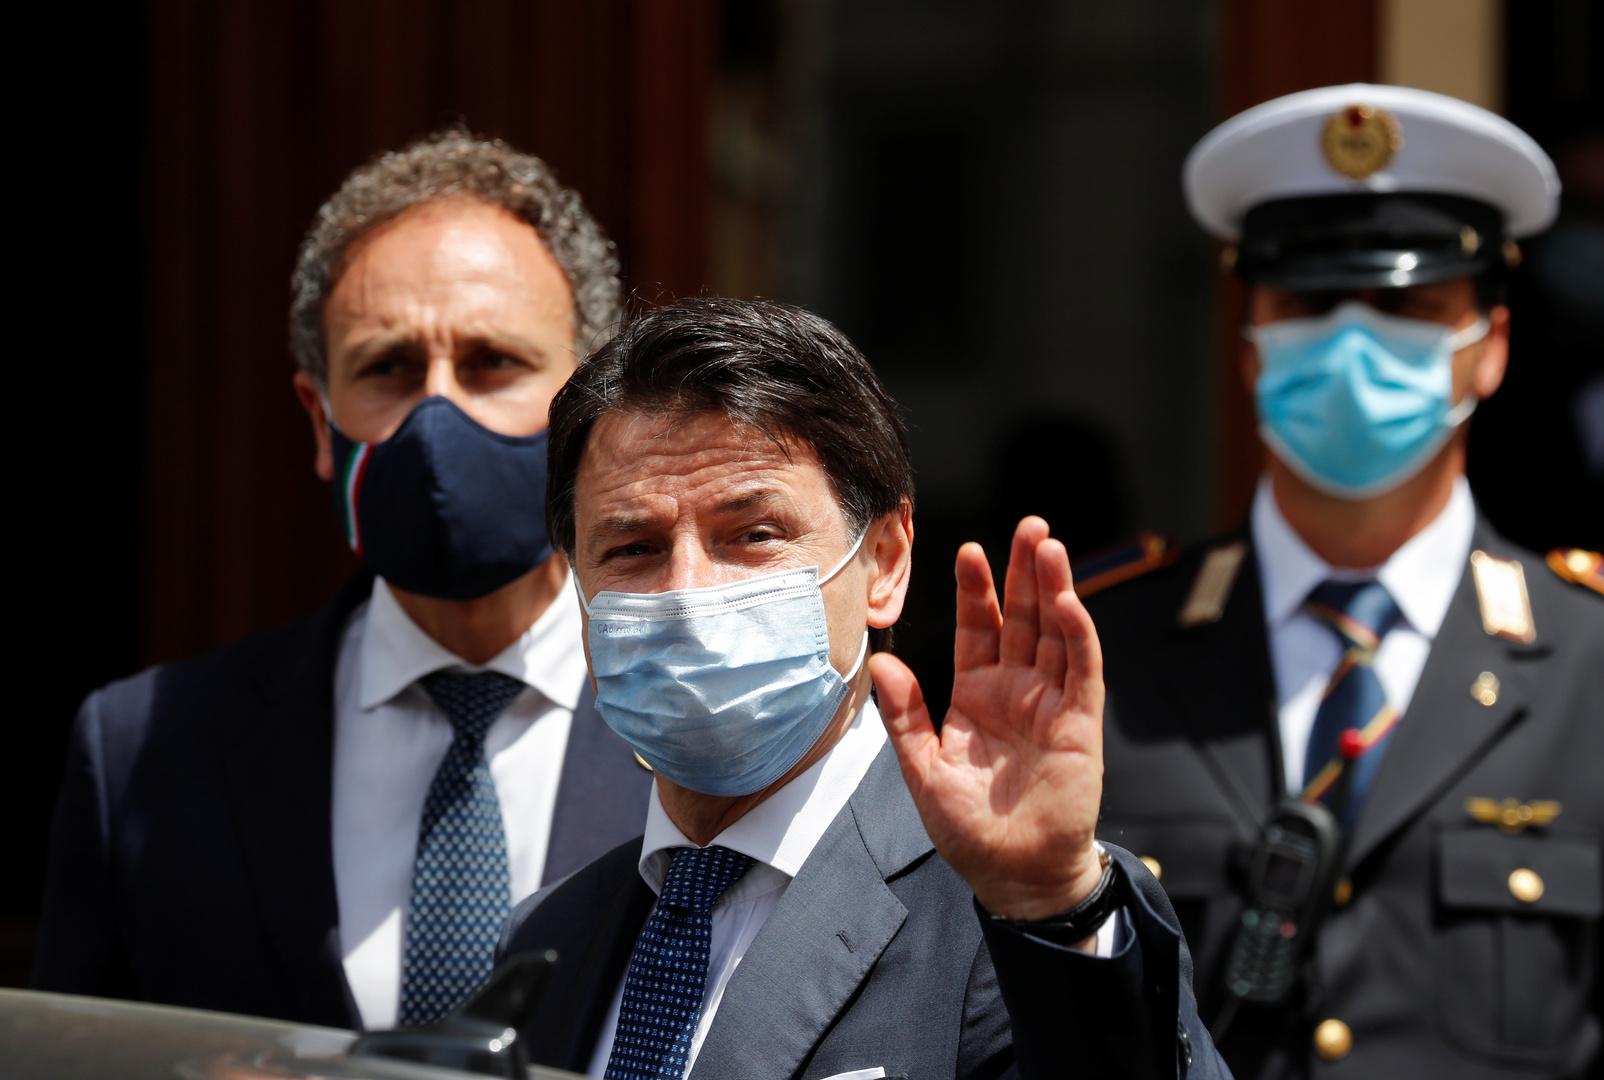 رئيس وزراء إيطاليا: علينا تحويل الجائحة إلى فرصة